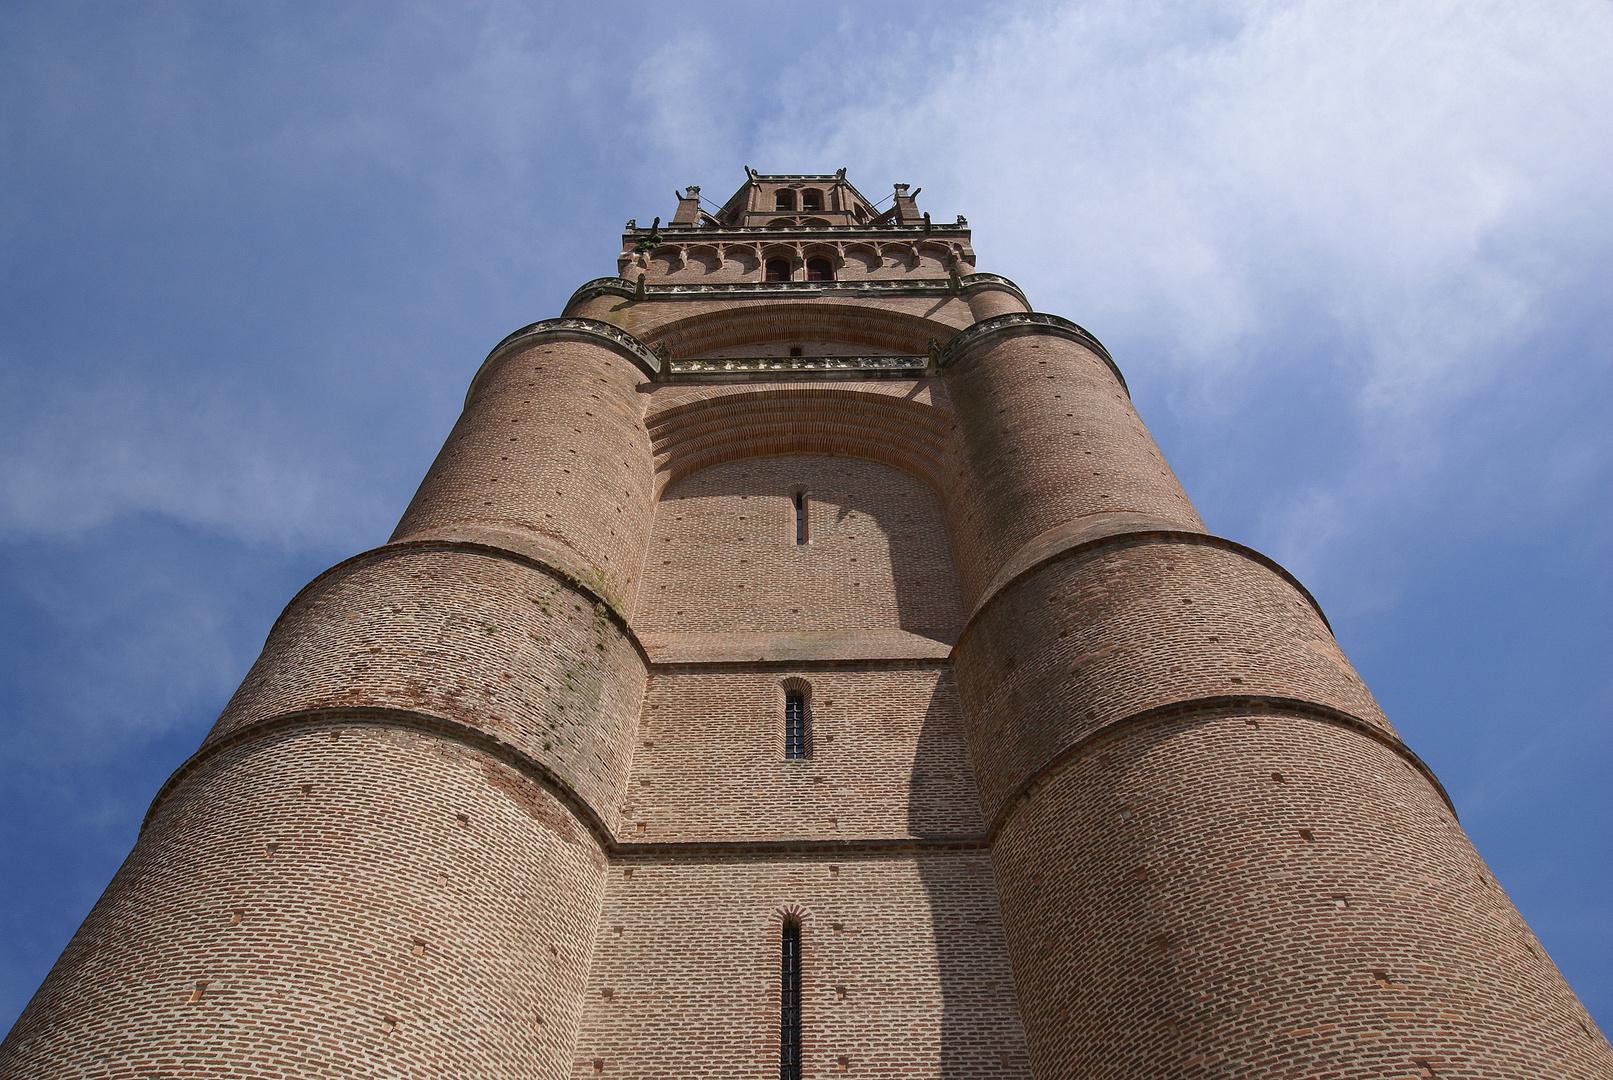 Albi - La Cathédrale Sainte-Cécile